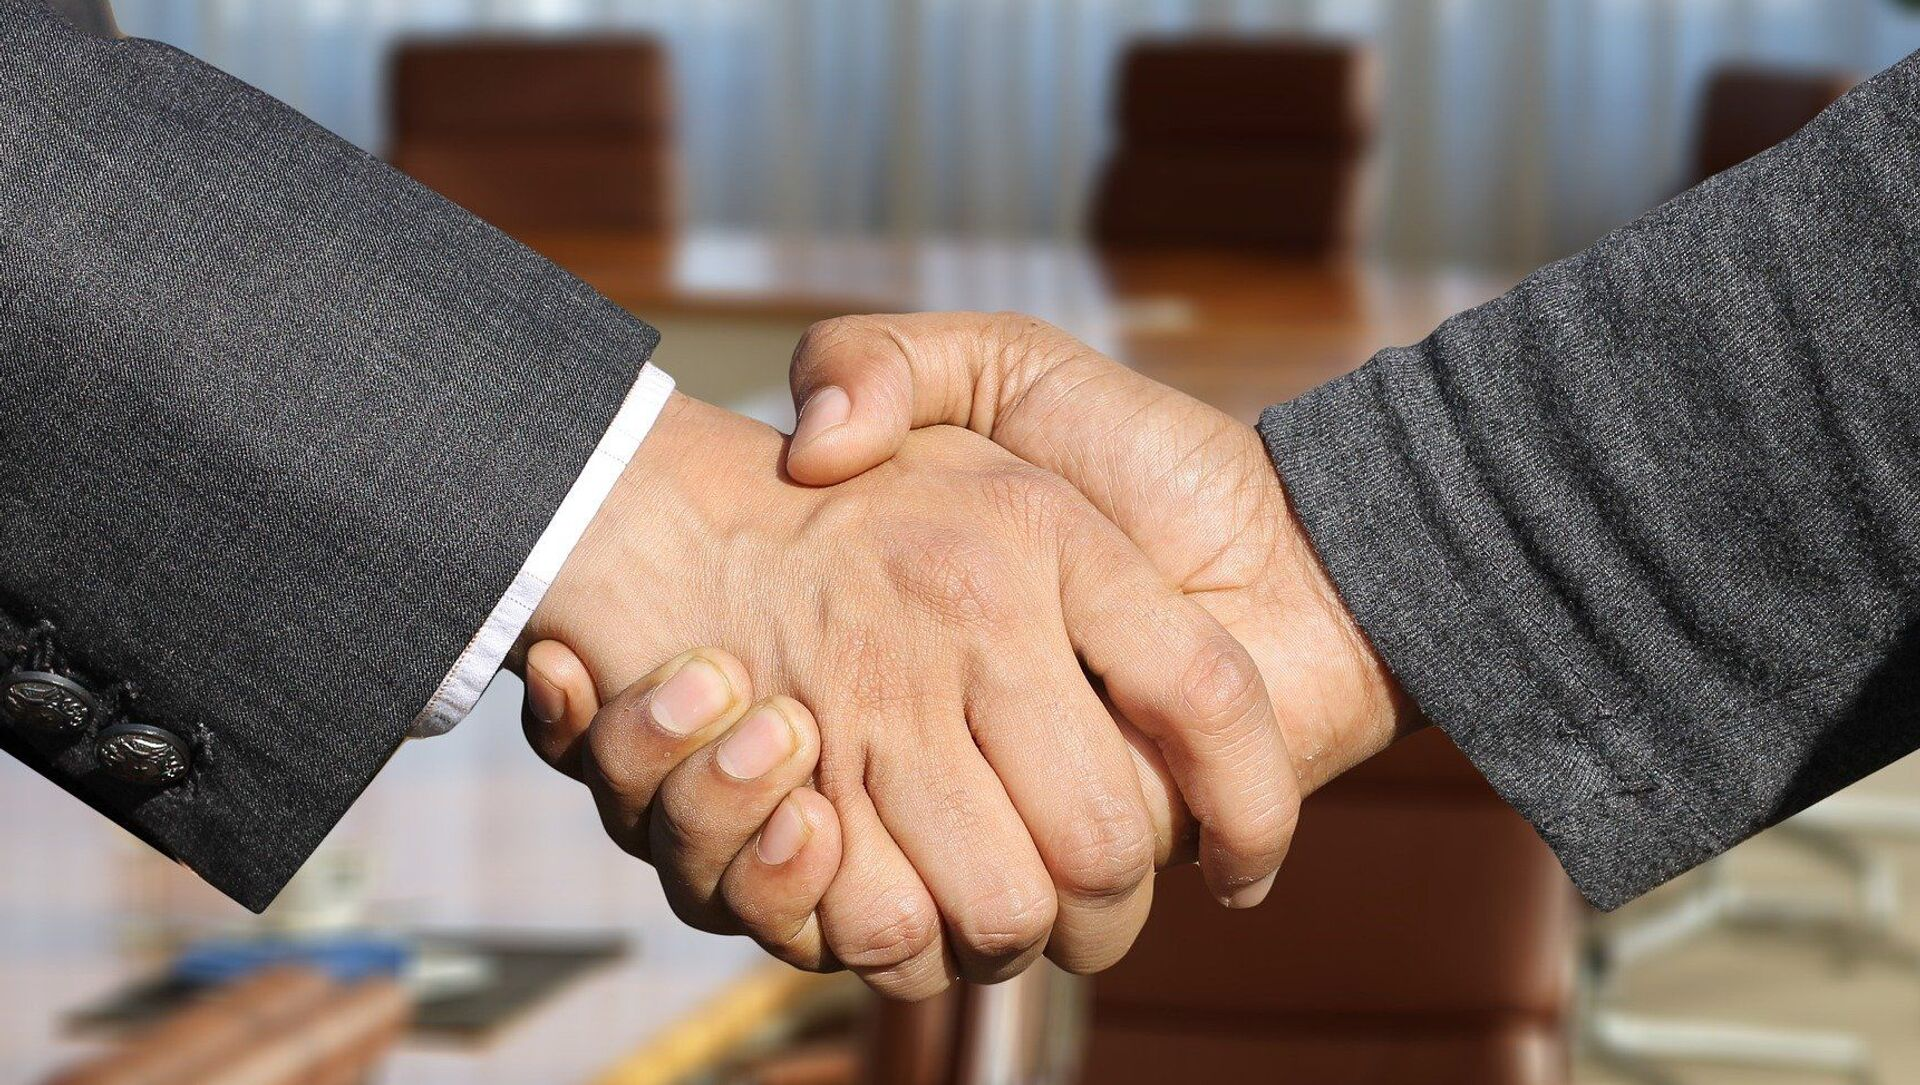 handshake - Sputnik International, 1920, 30.07.2021